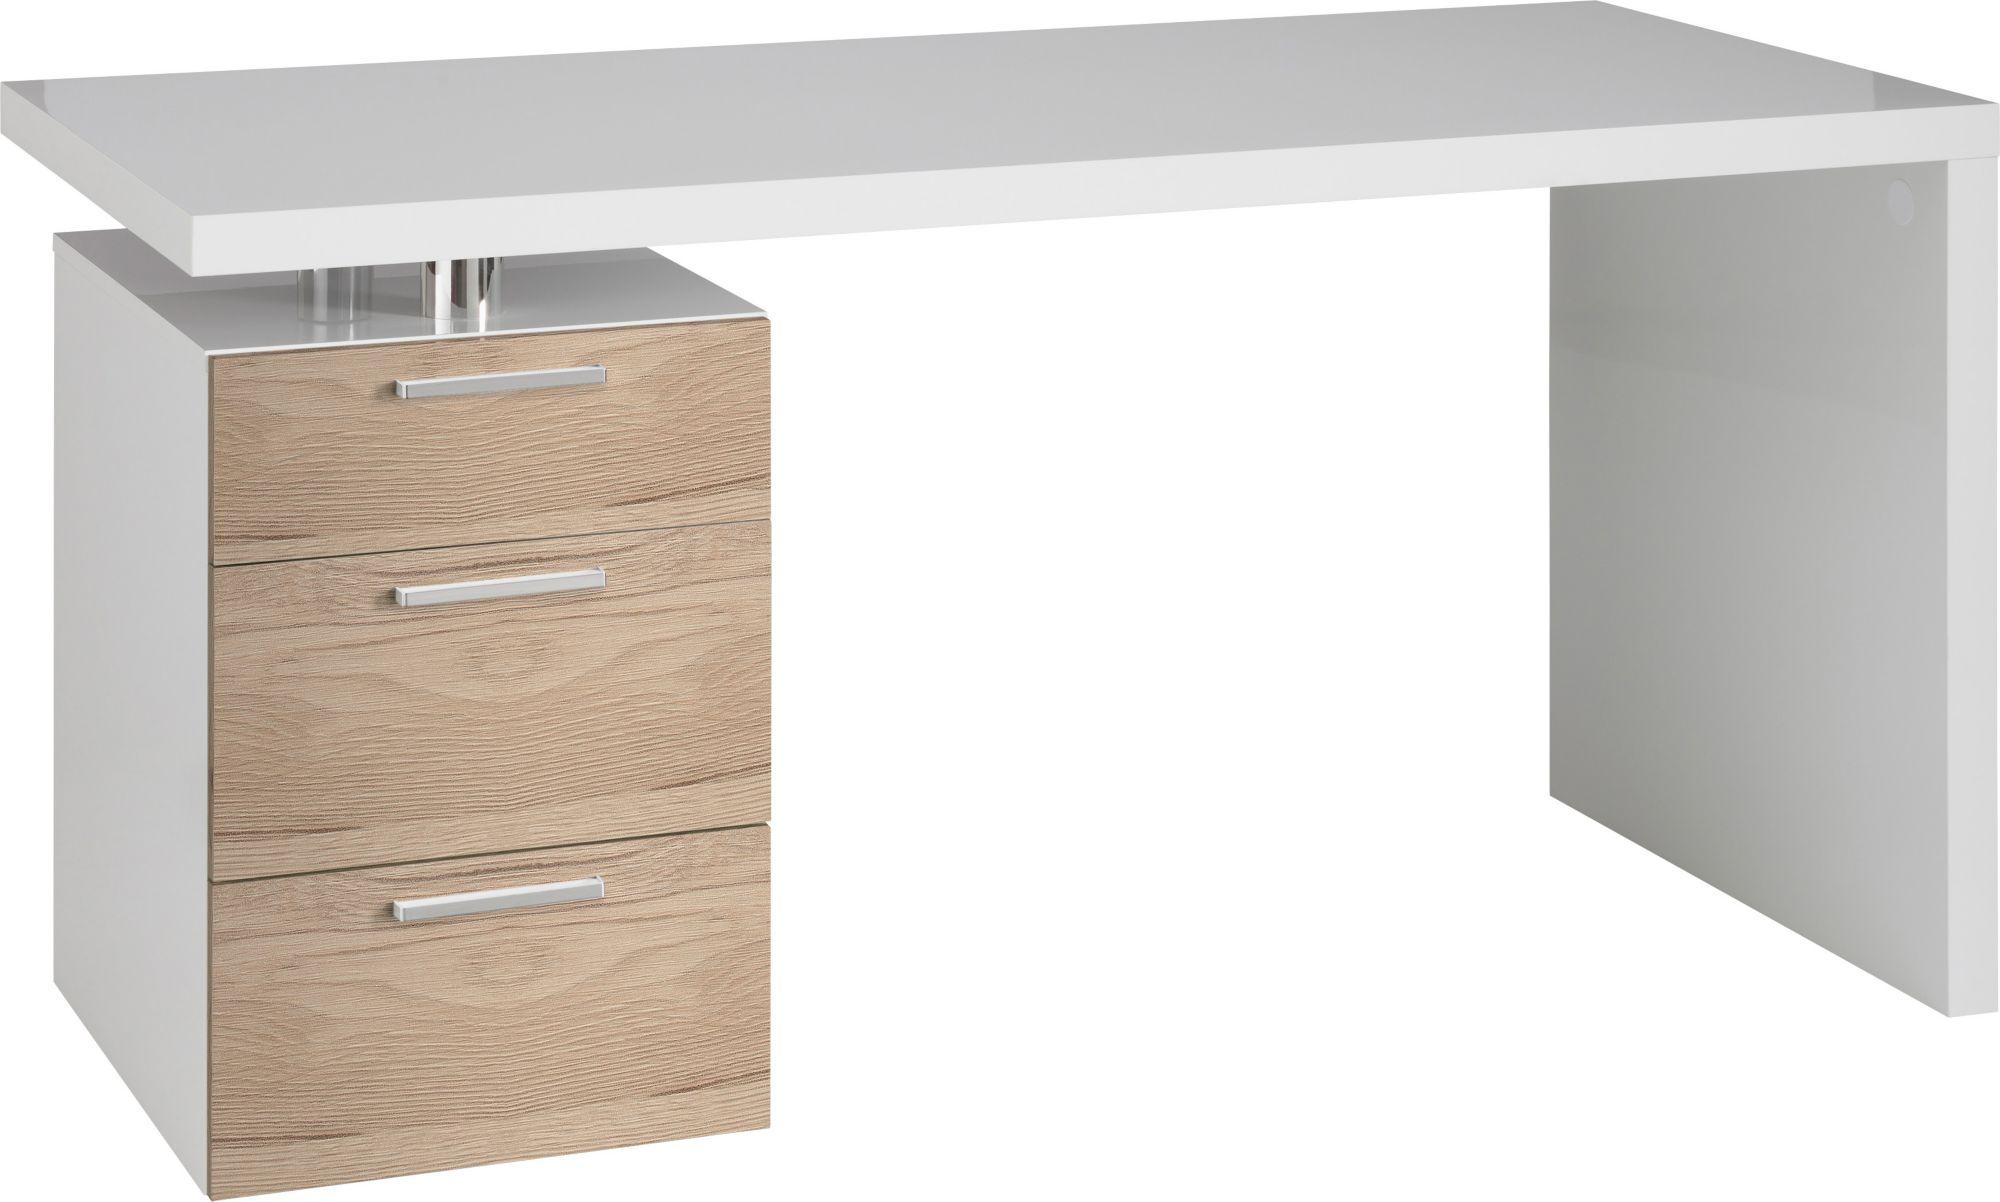 schreibtisch hmw match schwab versand schreibtische. Black Bedroom Furniture Sets. Home Design Ideas